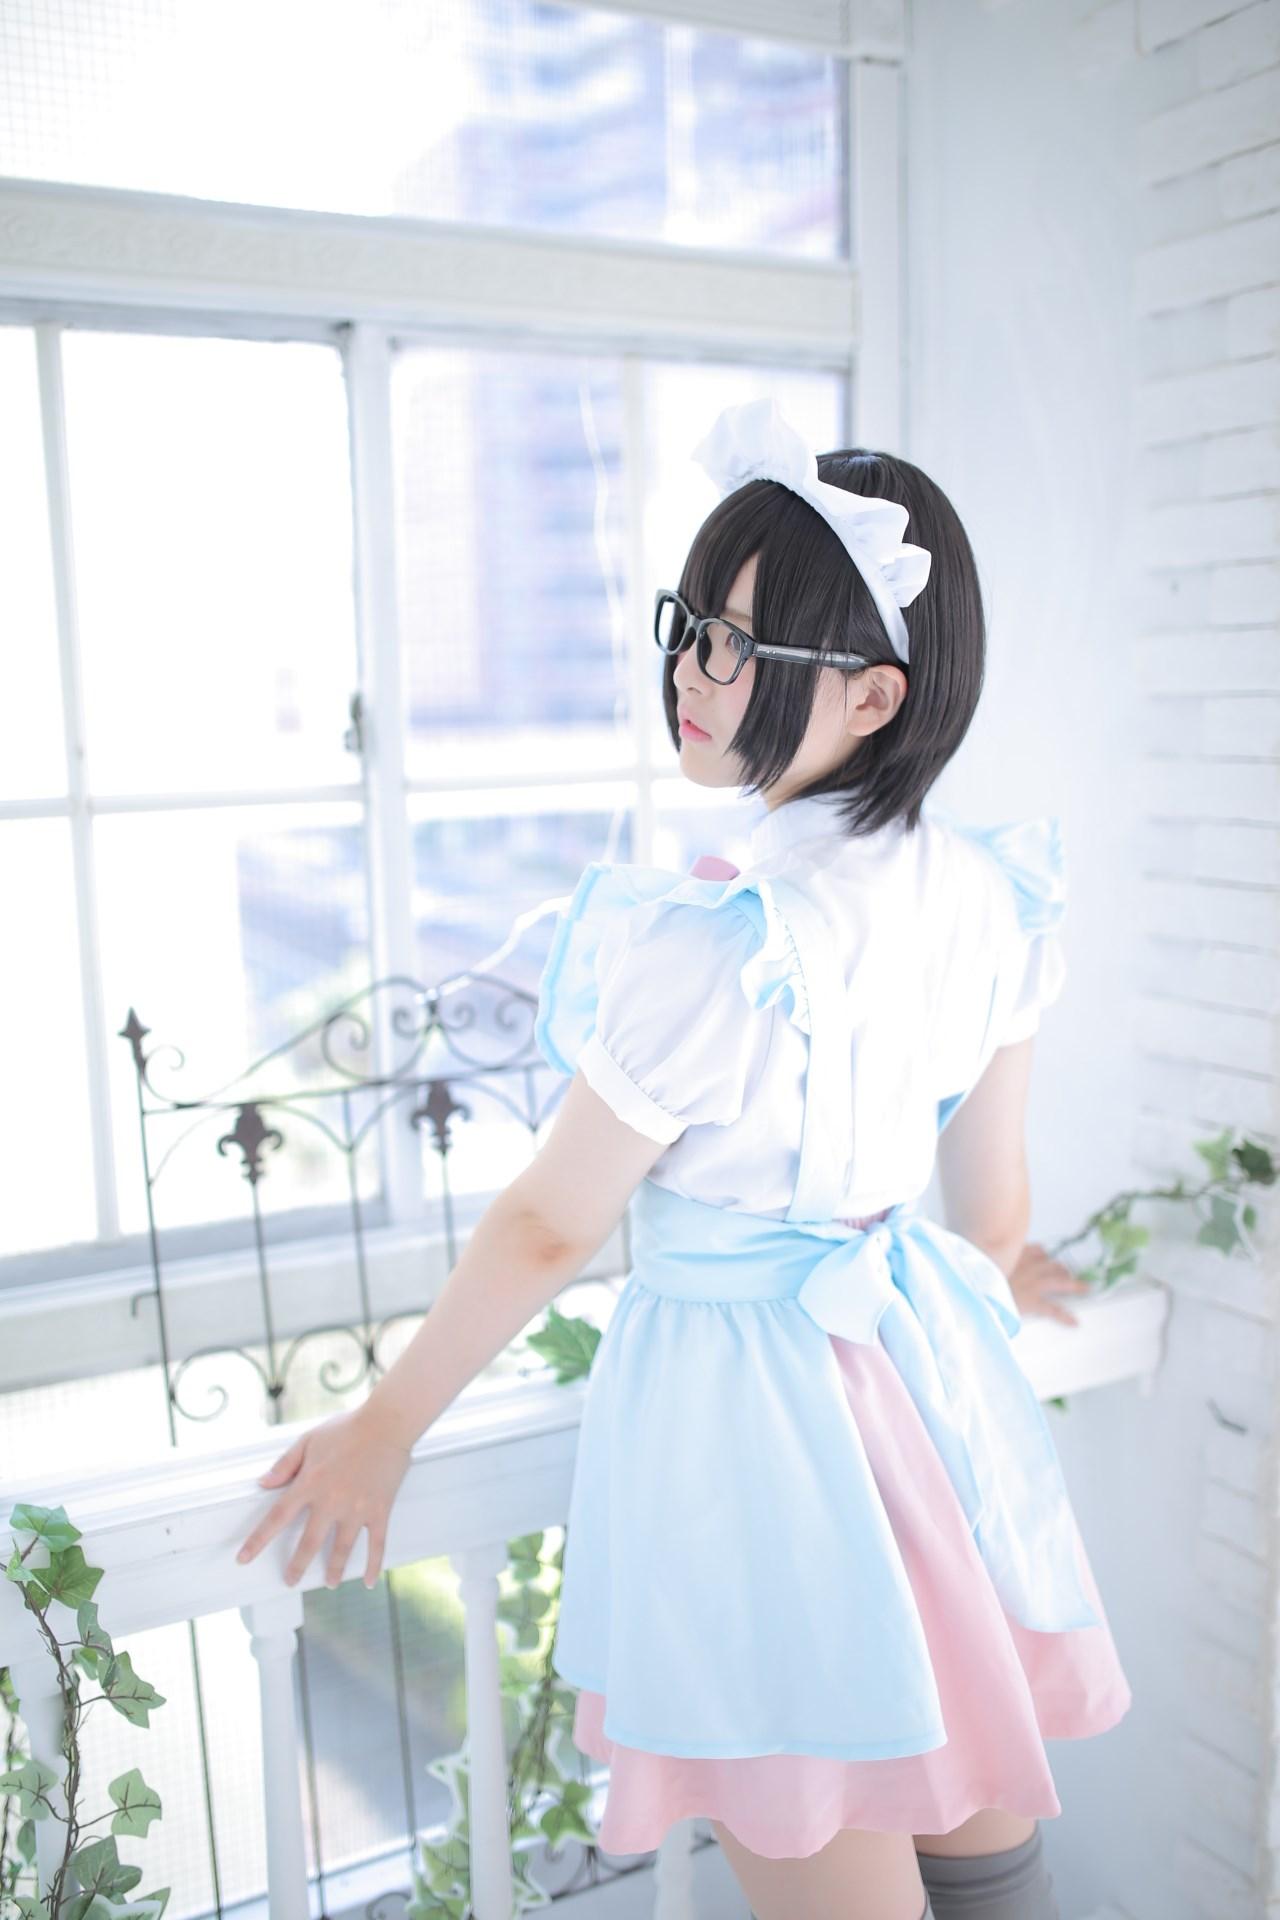 【兔玩映画】眼镜女仆 兔玩映画 第120张